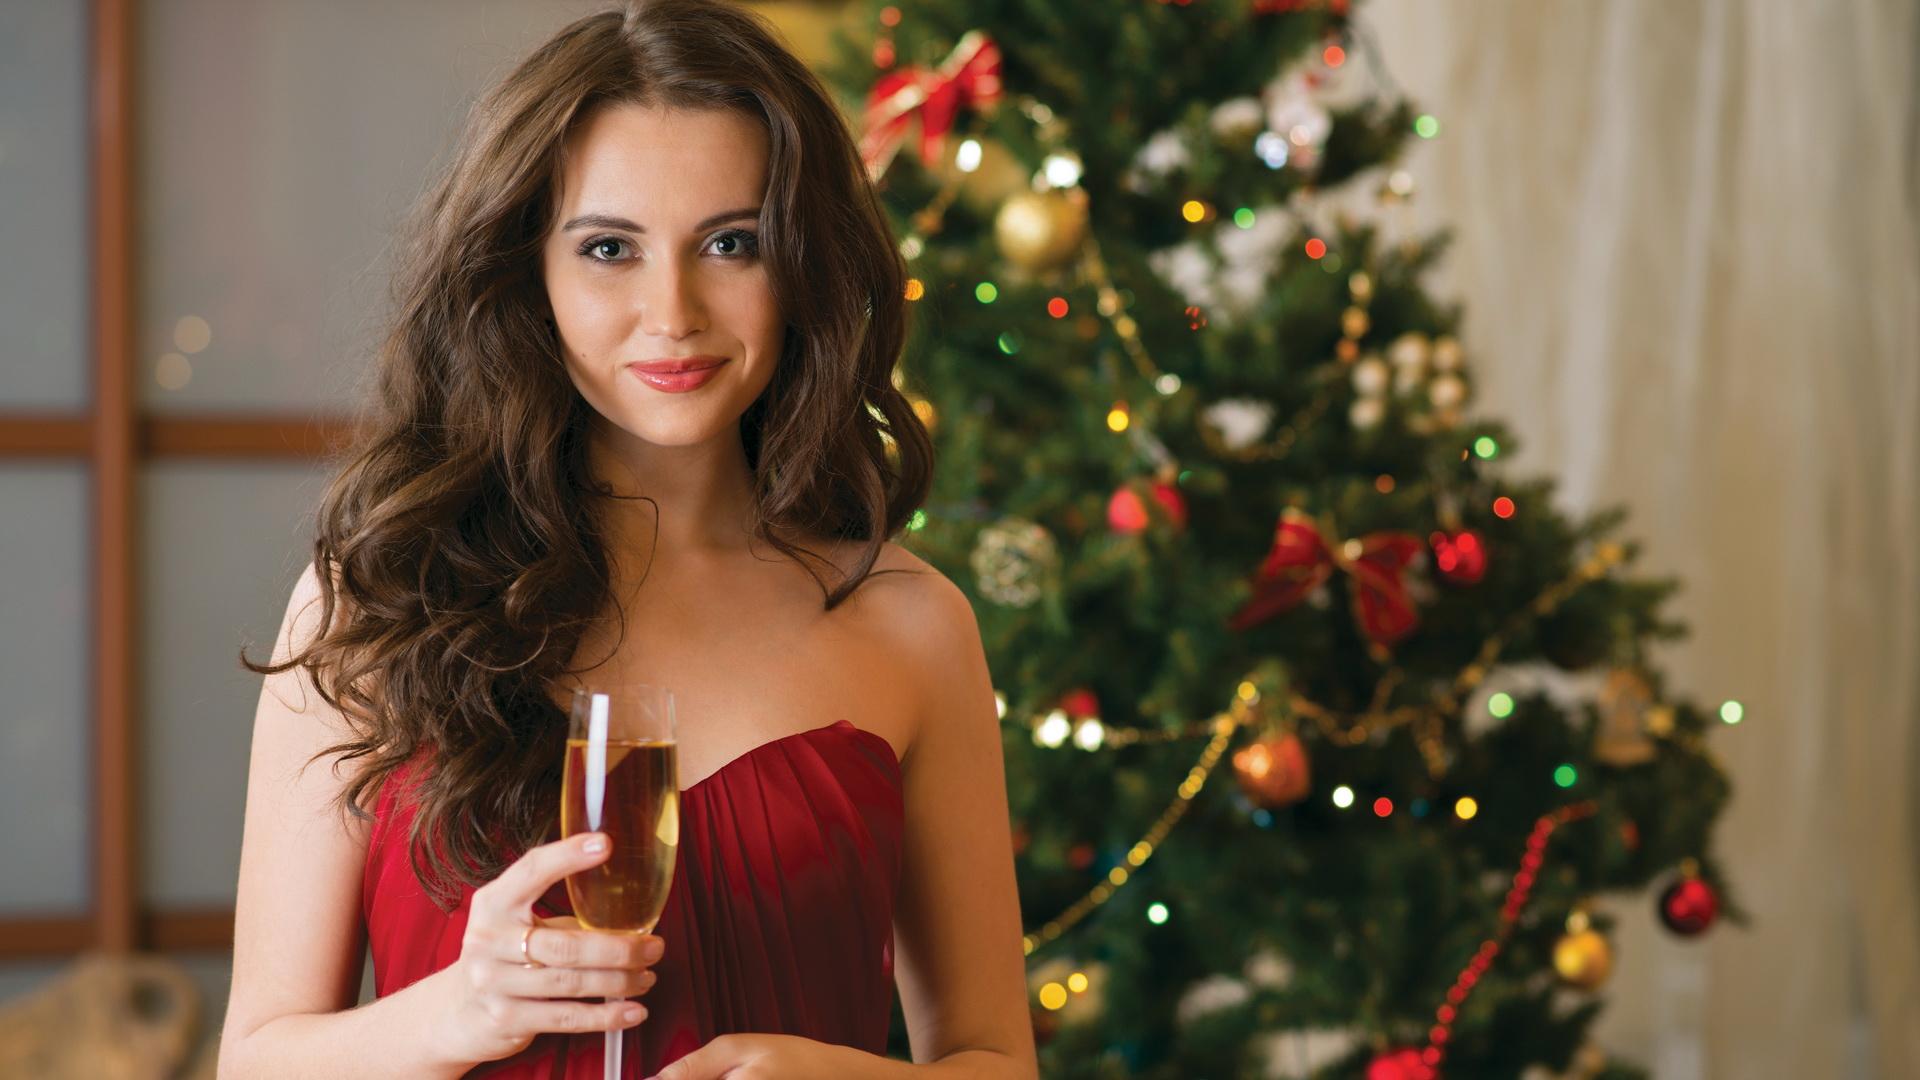 Девушка в новогоднюю ночь фото